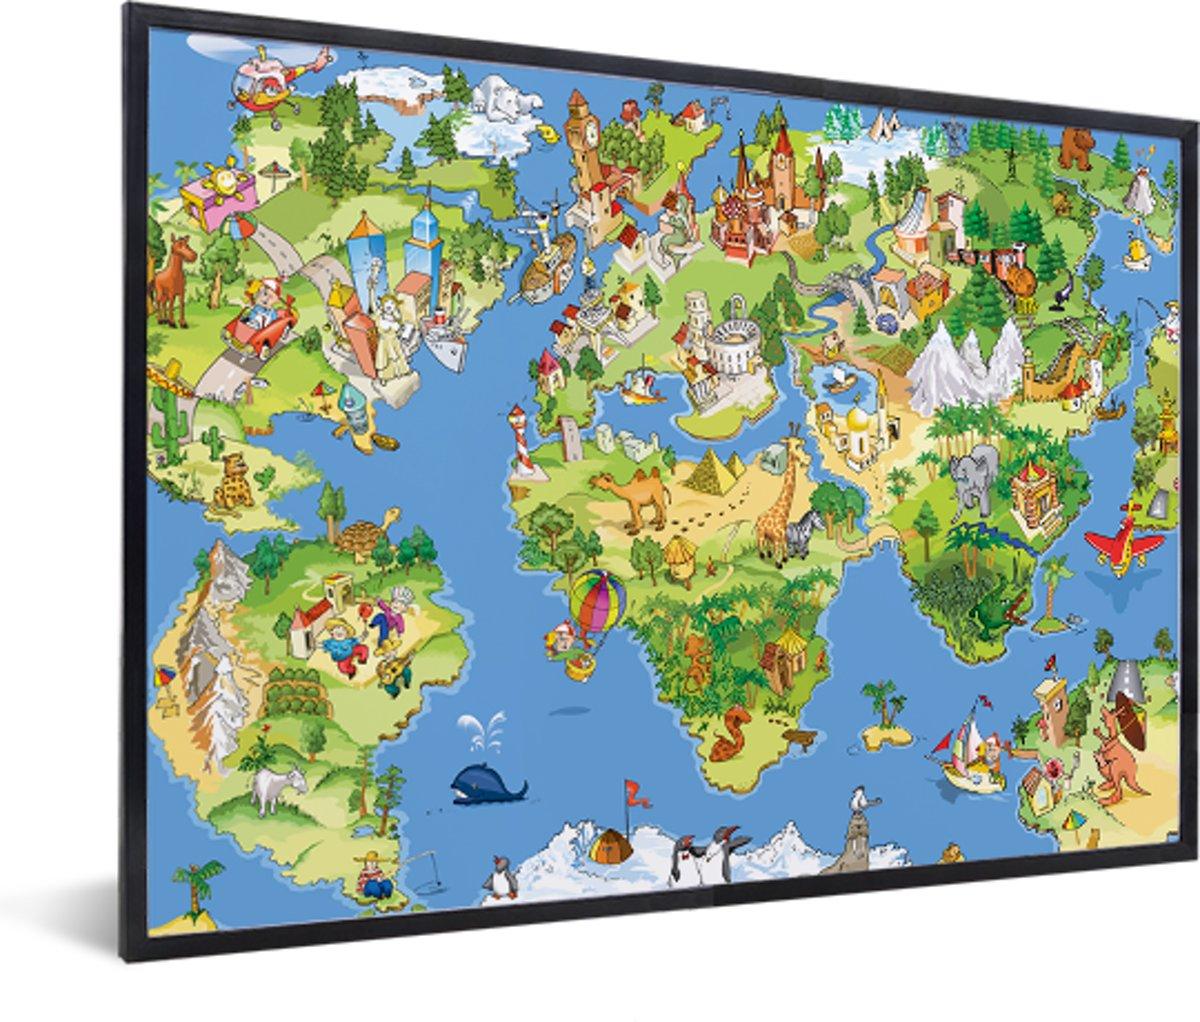 Kinder wereldkaart dieren muurdecoratie in lijst zwart 60x40 cm - Wereldkaarten.nl kopen